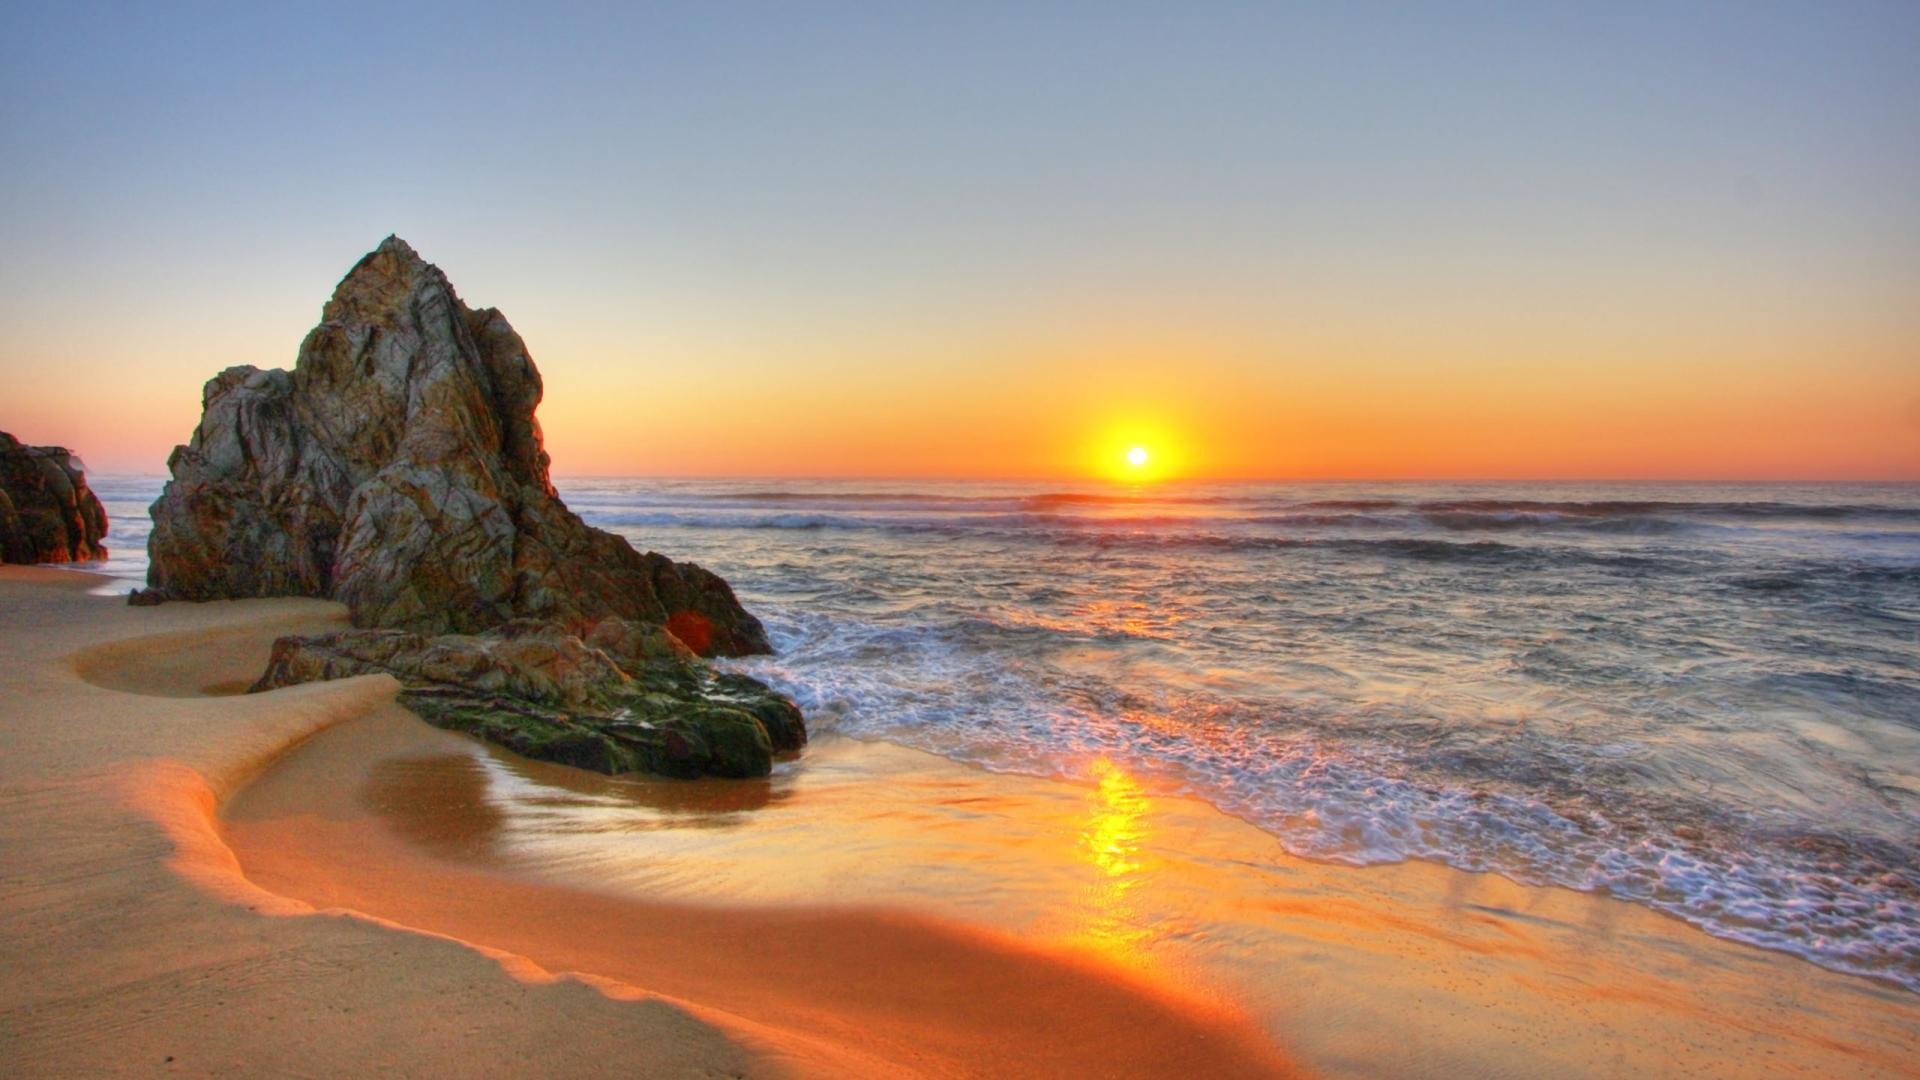 Beach Sunset Pictures HD Wallpaper of Beach - hdwallpaper2013.com